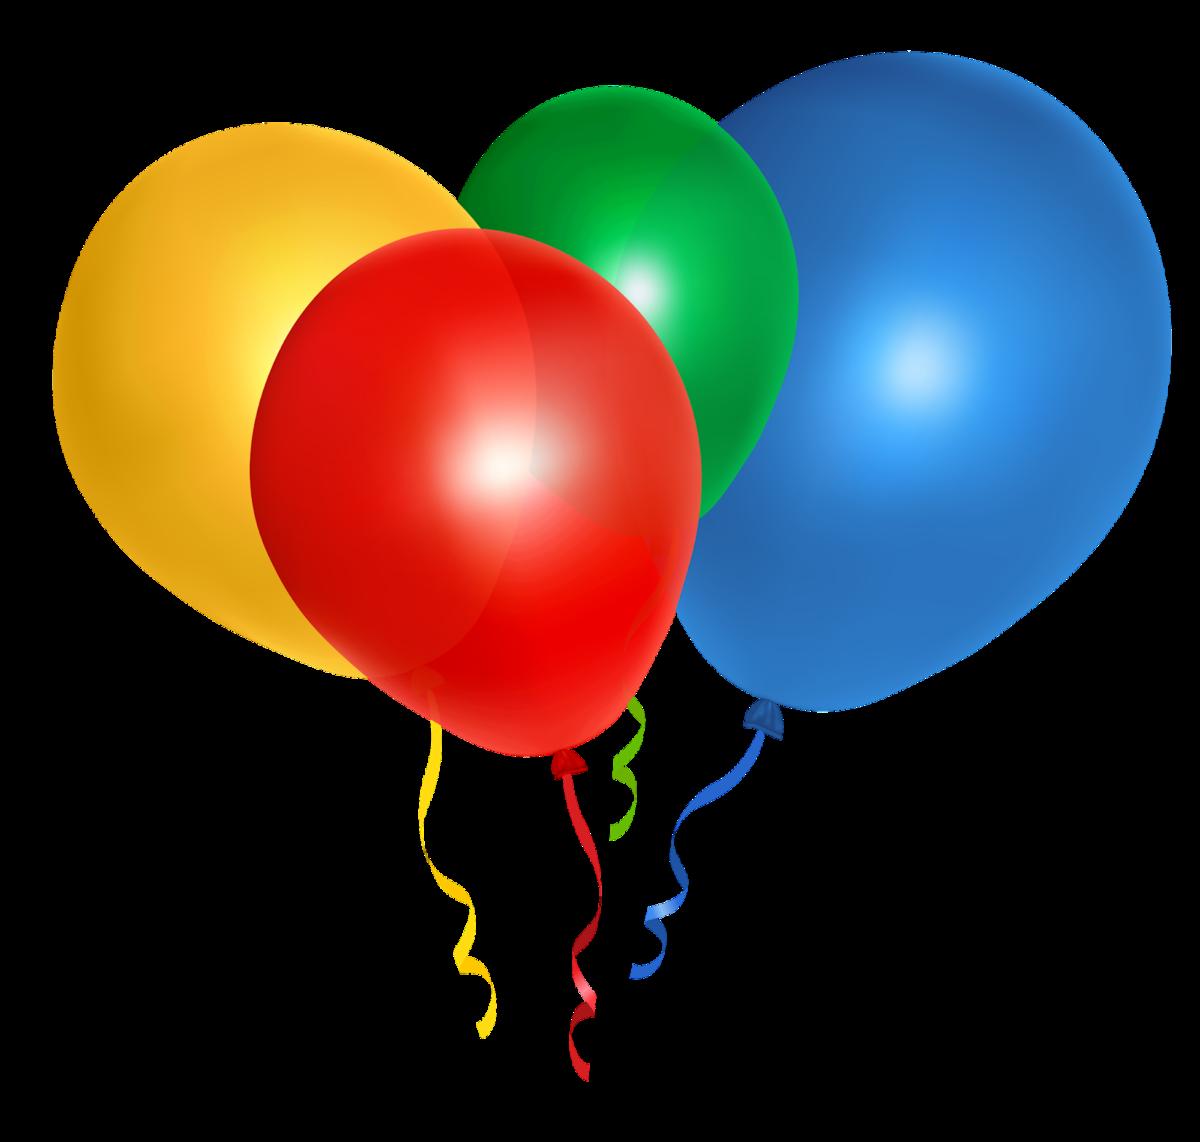 Открытки, картинка с воздушными шарами на прозрачном фоне